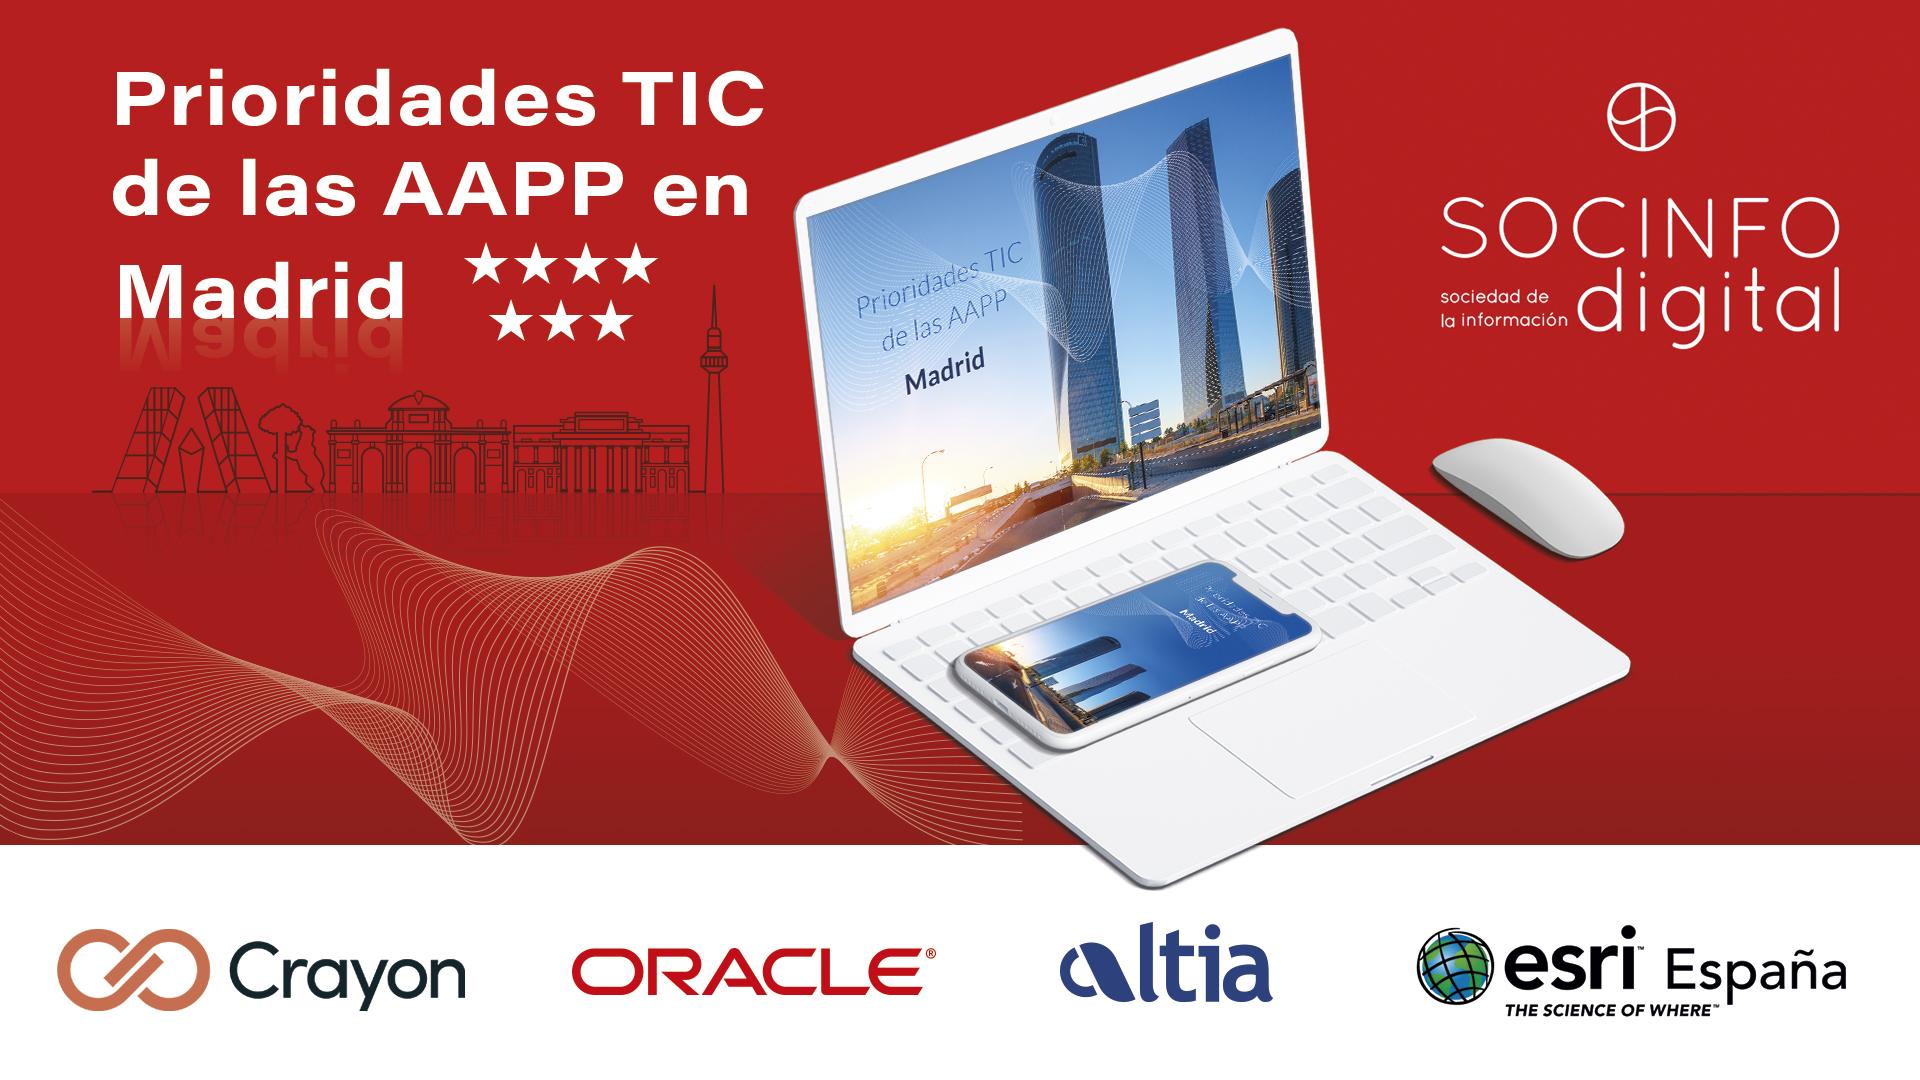 Prioridades TIC de las AAPP en Madrid